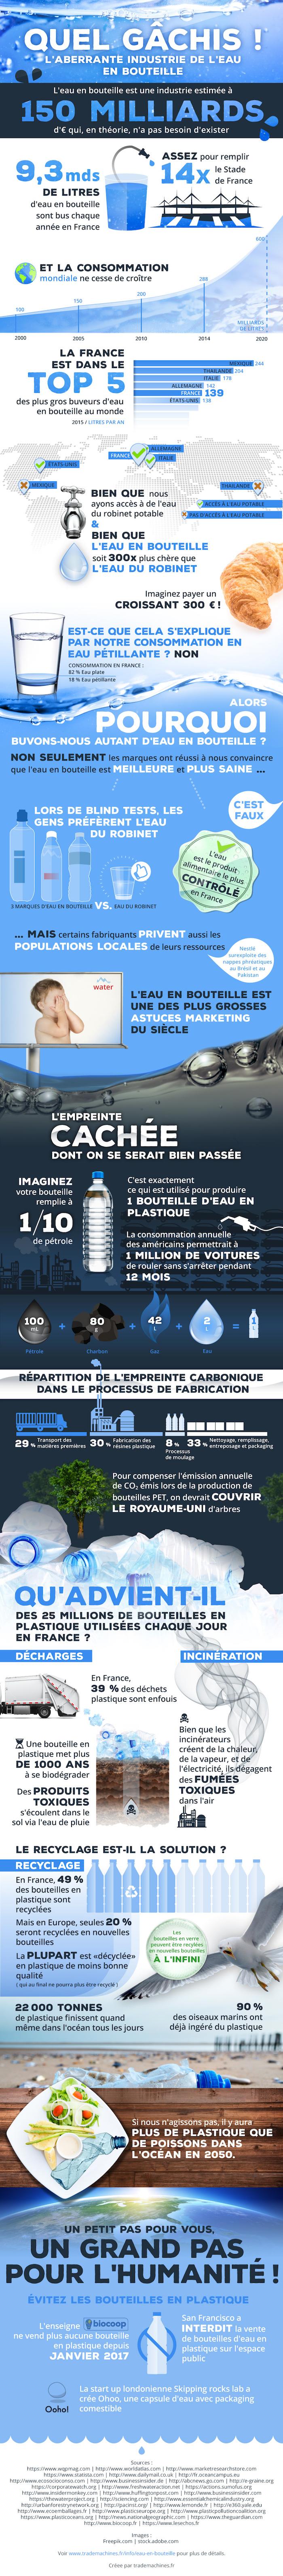 infographie_eau-1 2017.10.10.